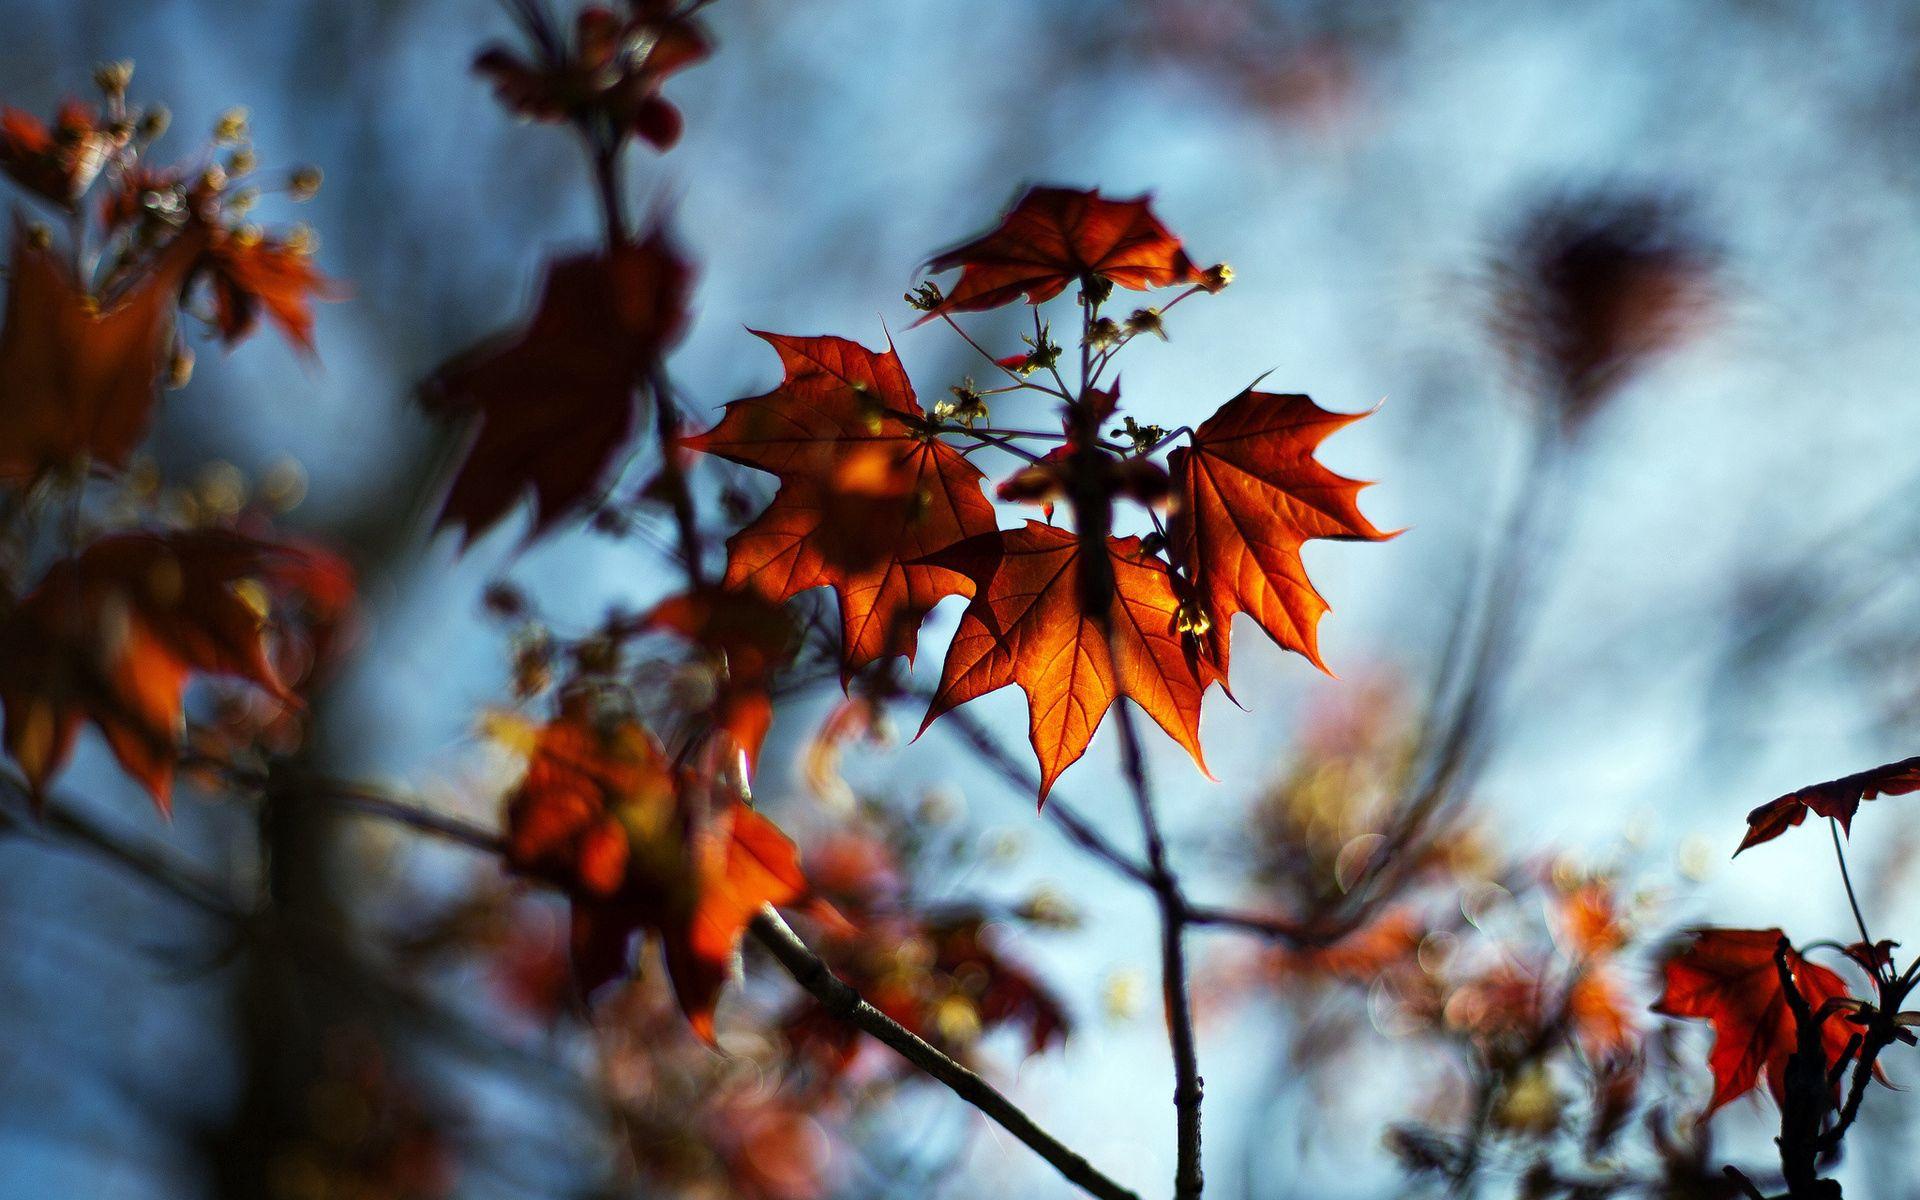 103464 Hintergrundbild herunterladen Natur, Herbst, Blätter, Makro, Geäst, Zweig, Bokeh, Boquet, Ahorn - Bildschirmschoner und Bilder kostenlos